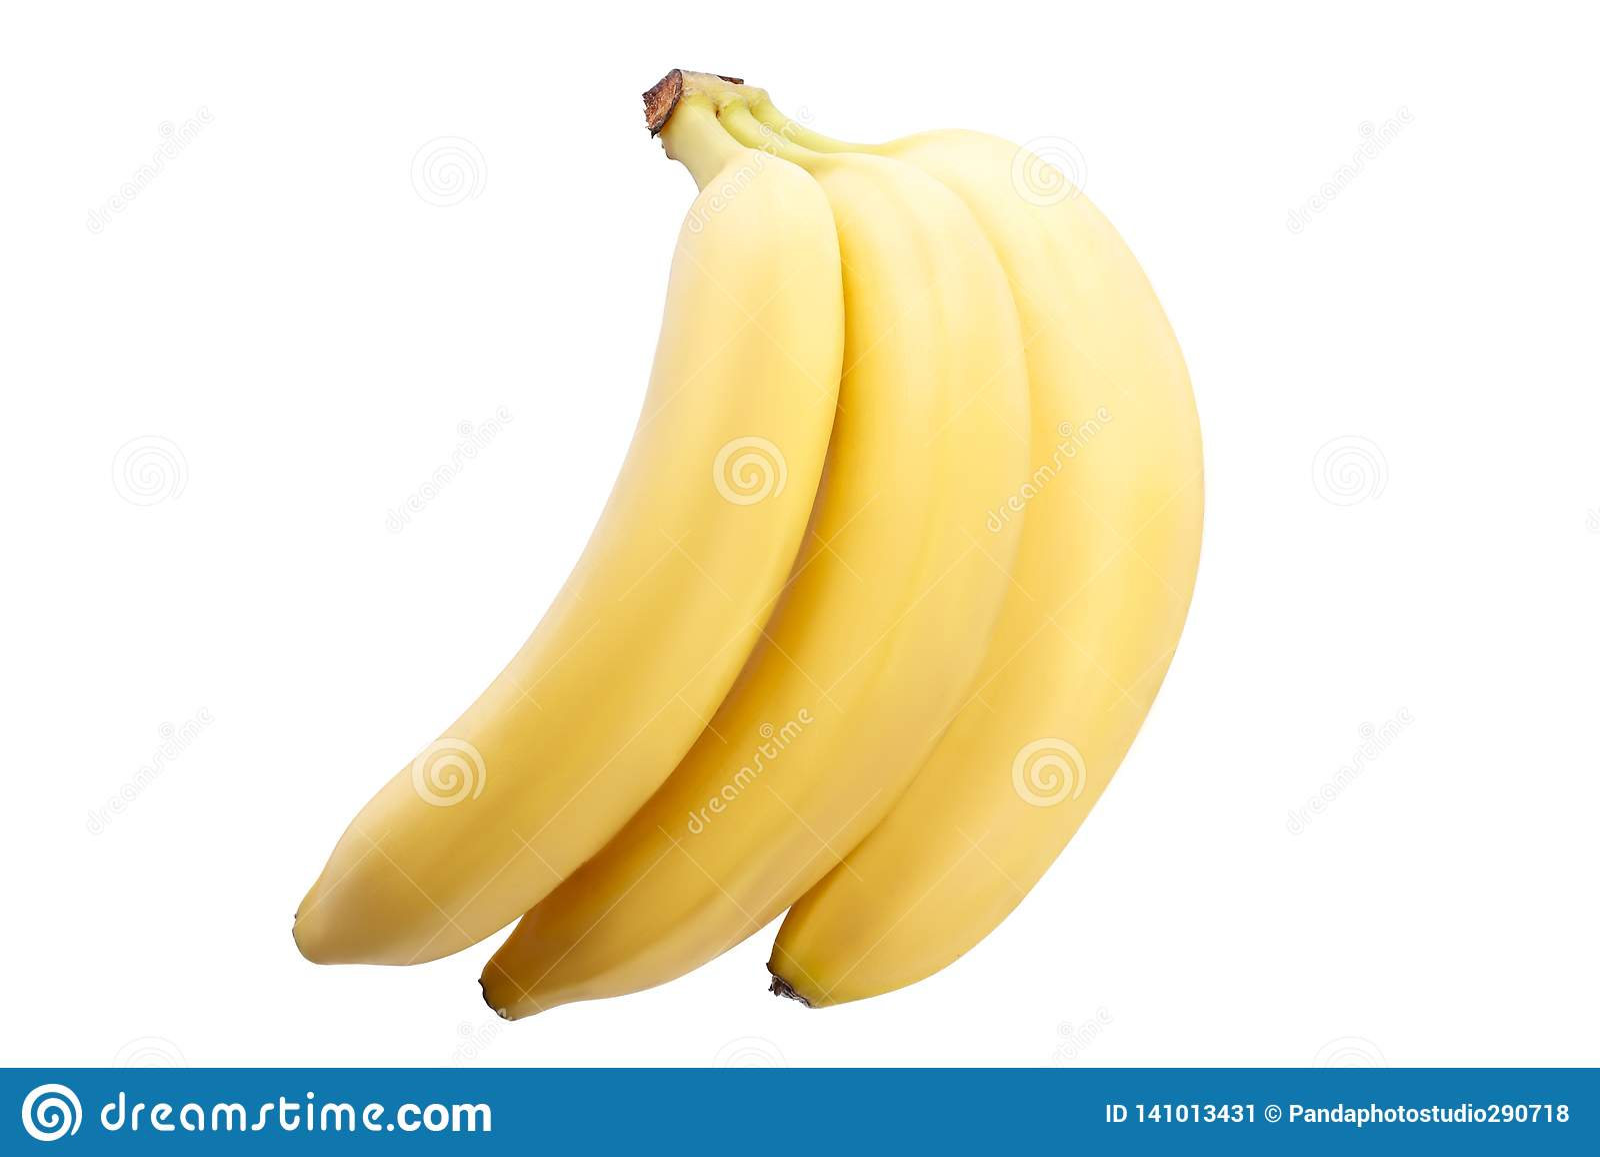 Mooie rijpe bananen op een witte achtergrond isolatie